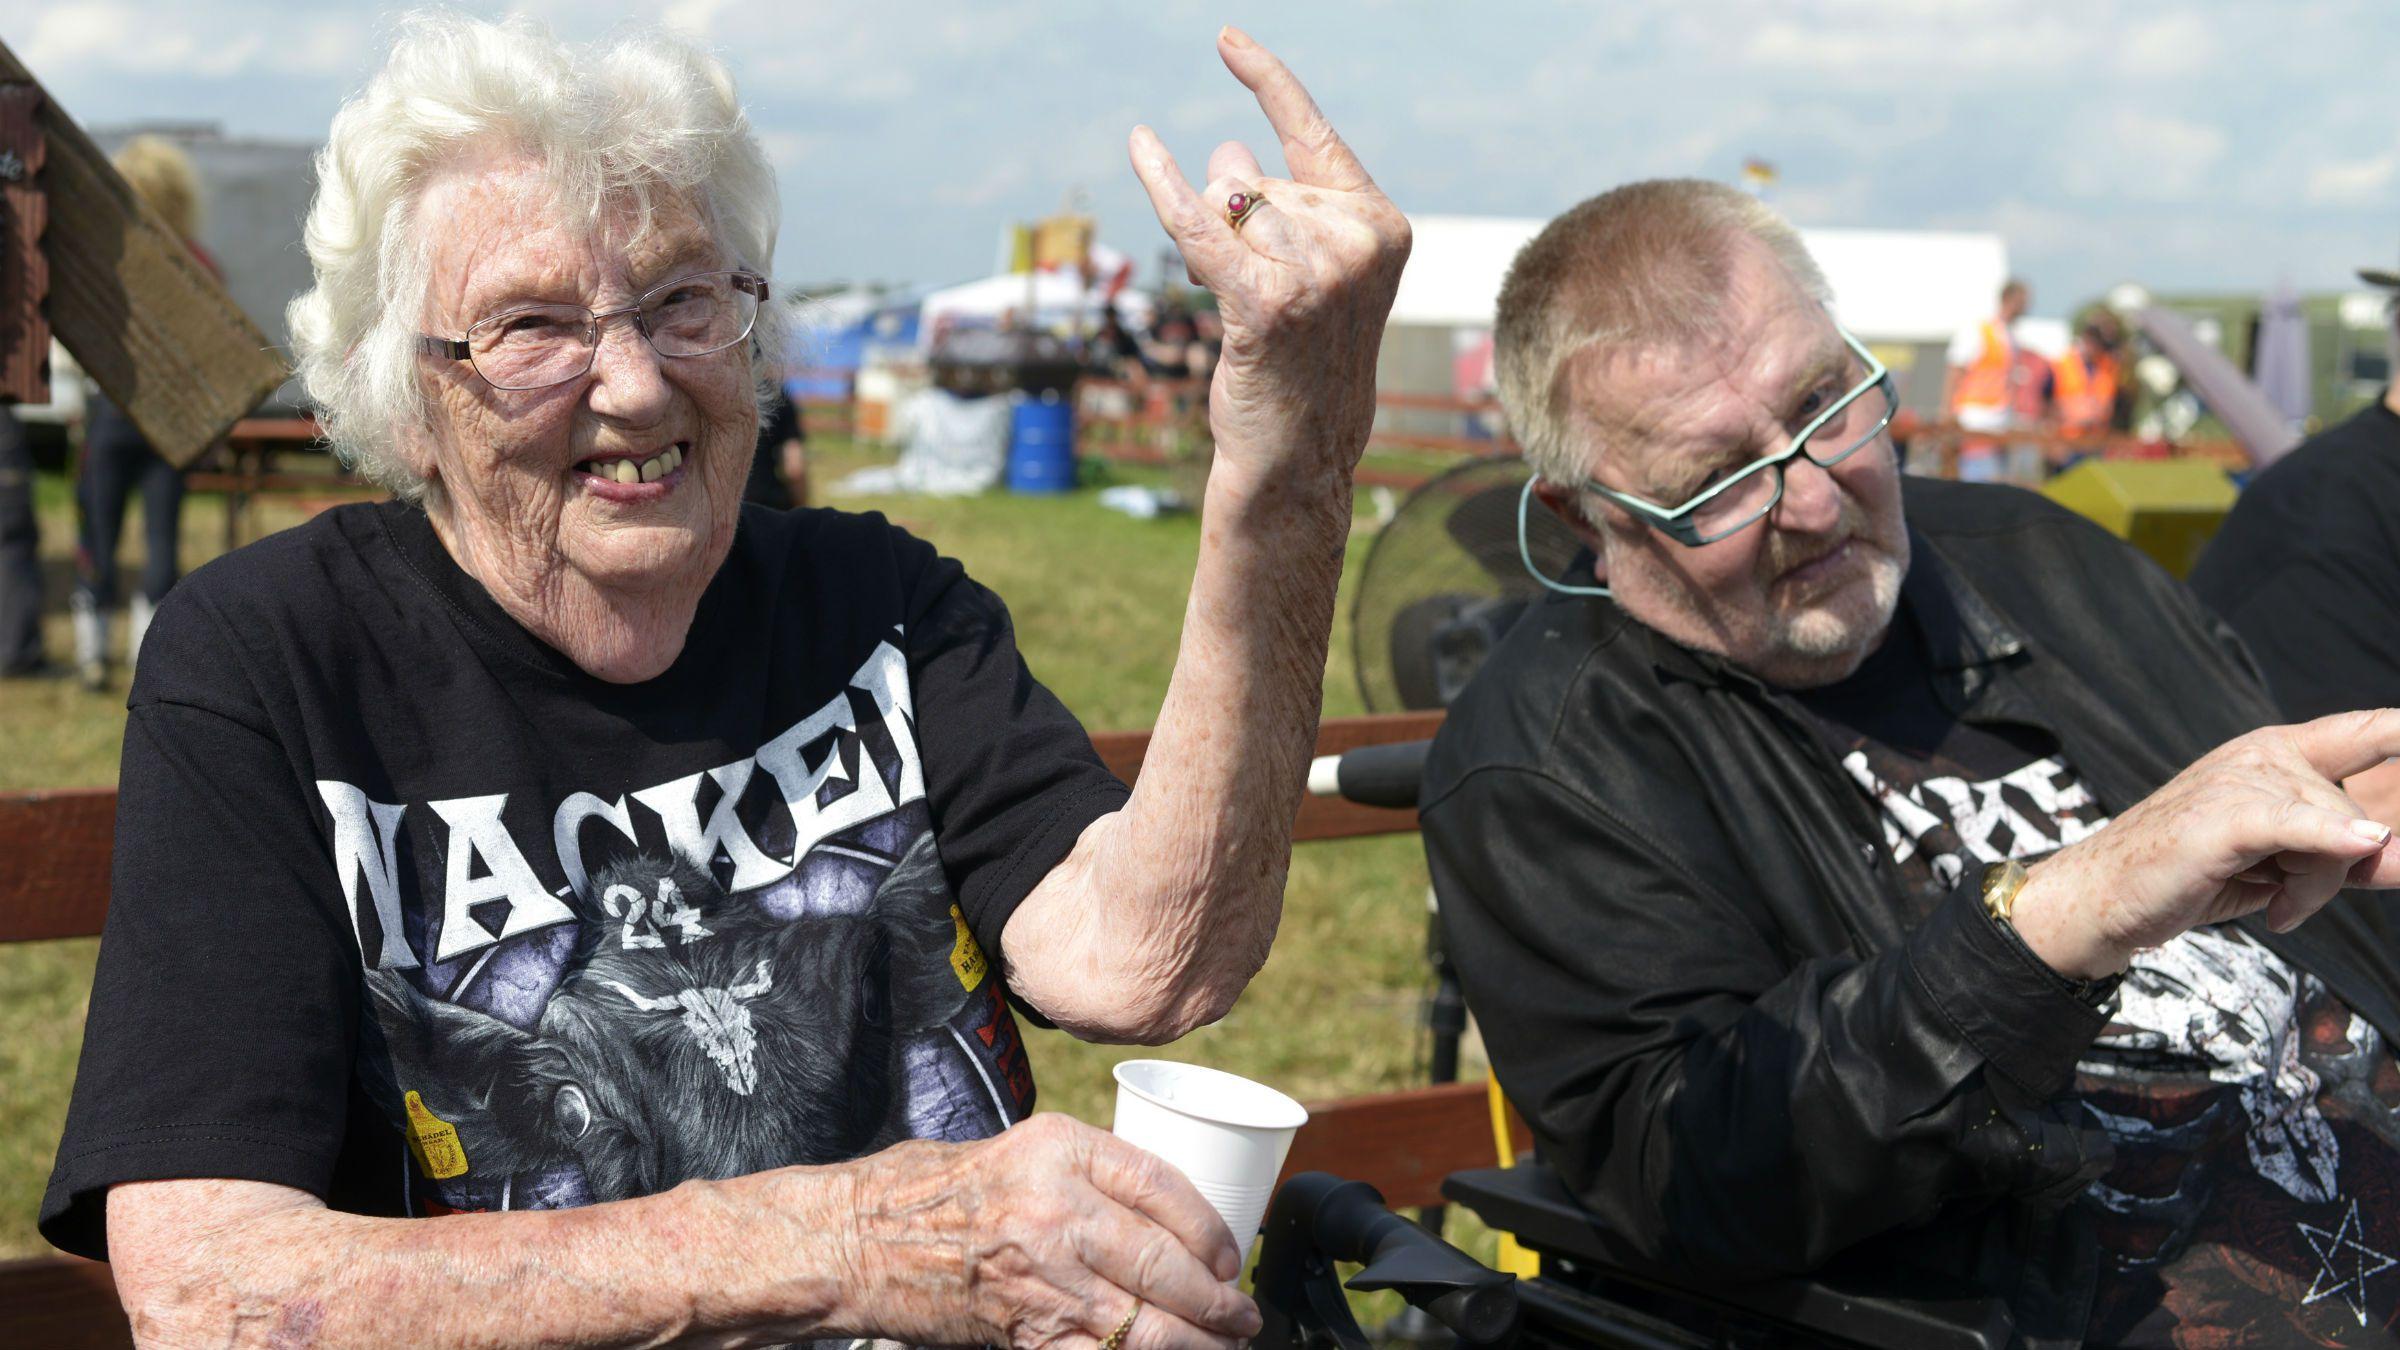 heavy metal rockers